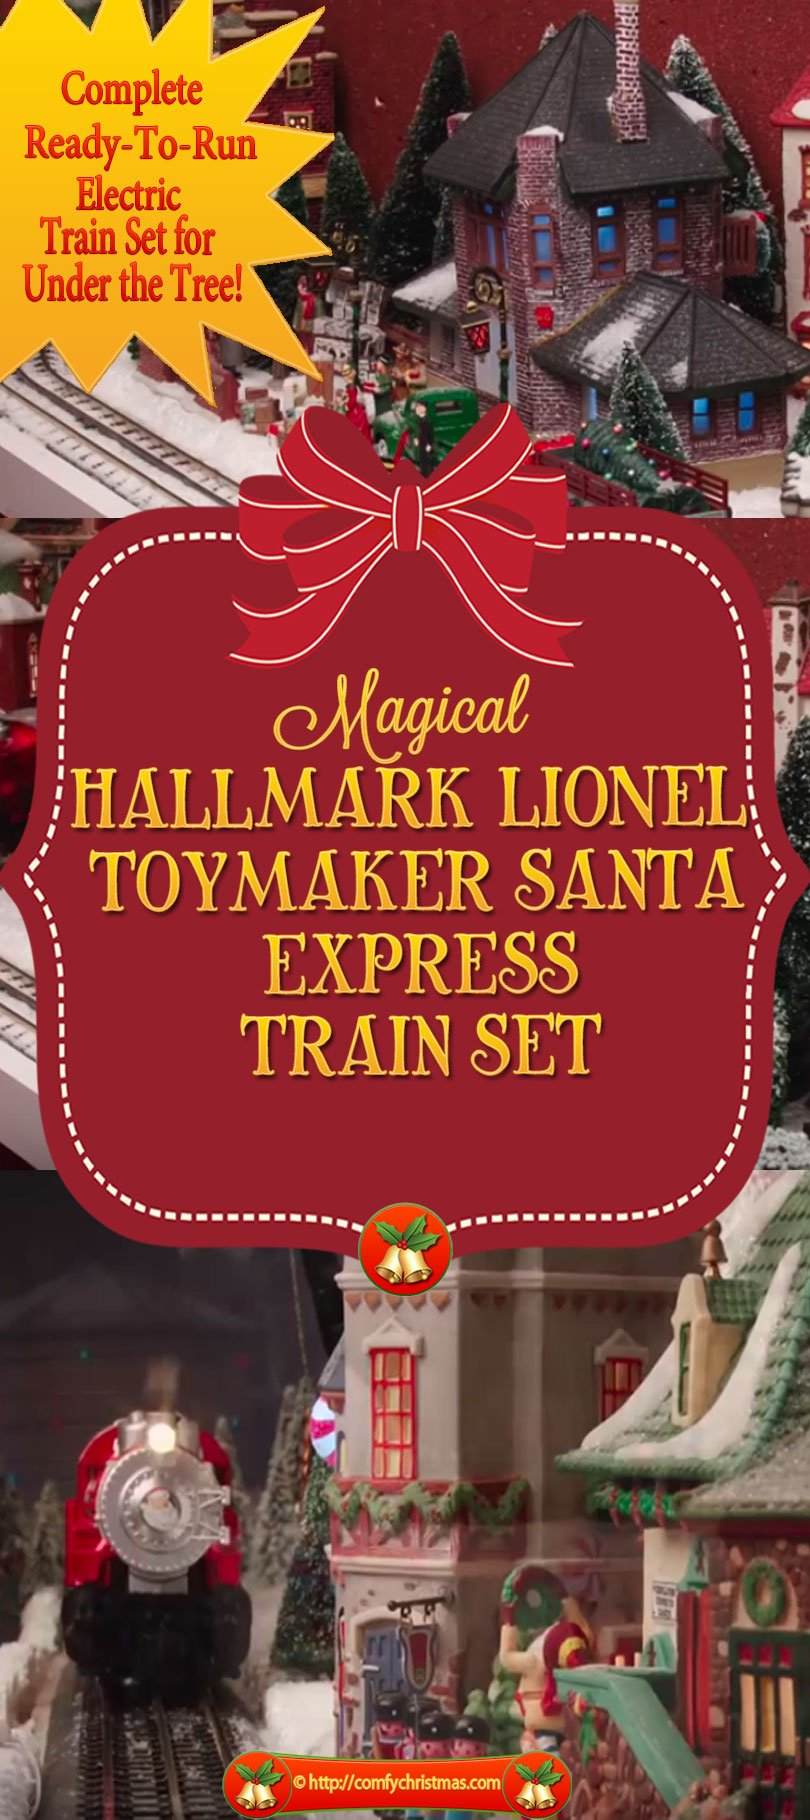 Hallmark Lionel Train Set